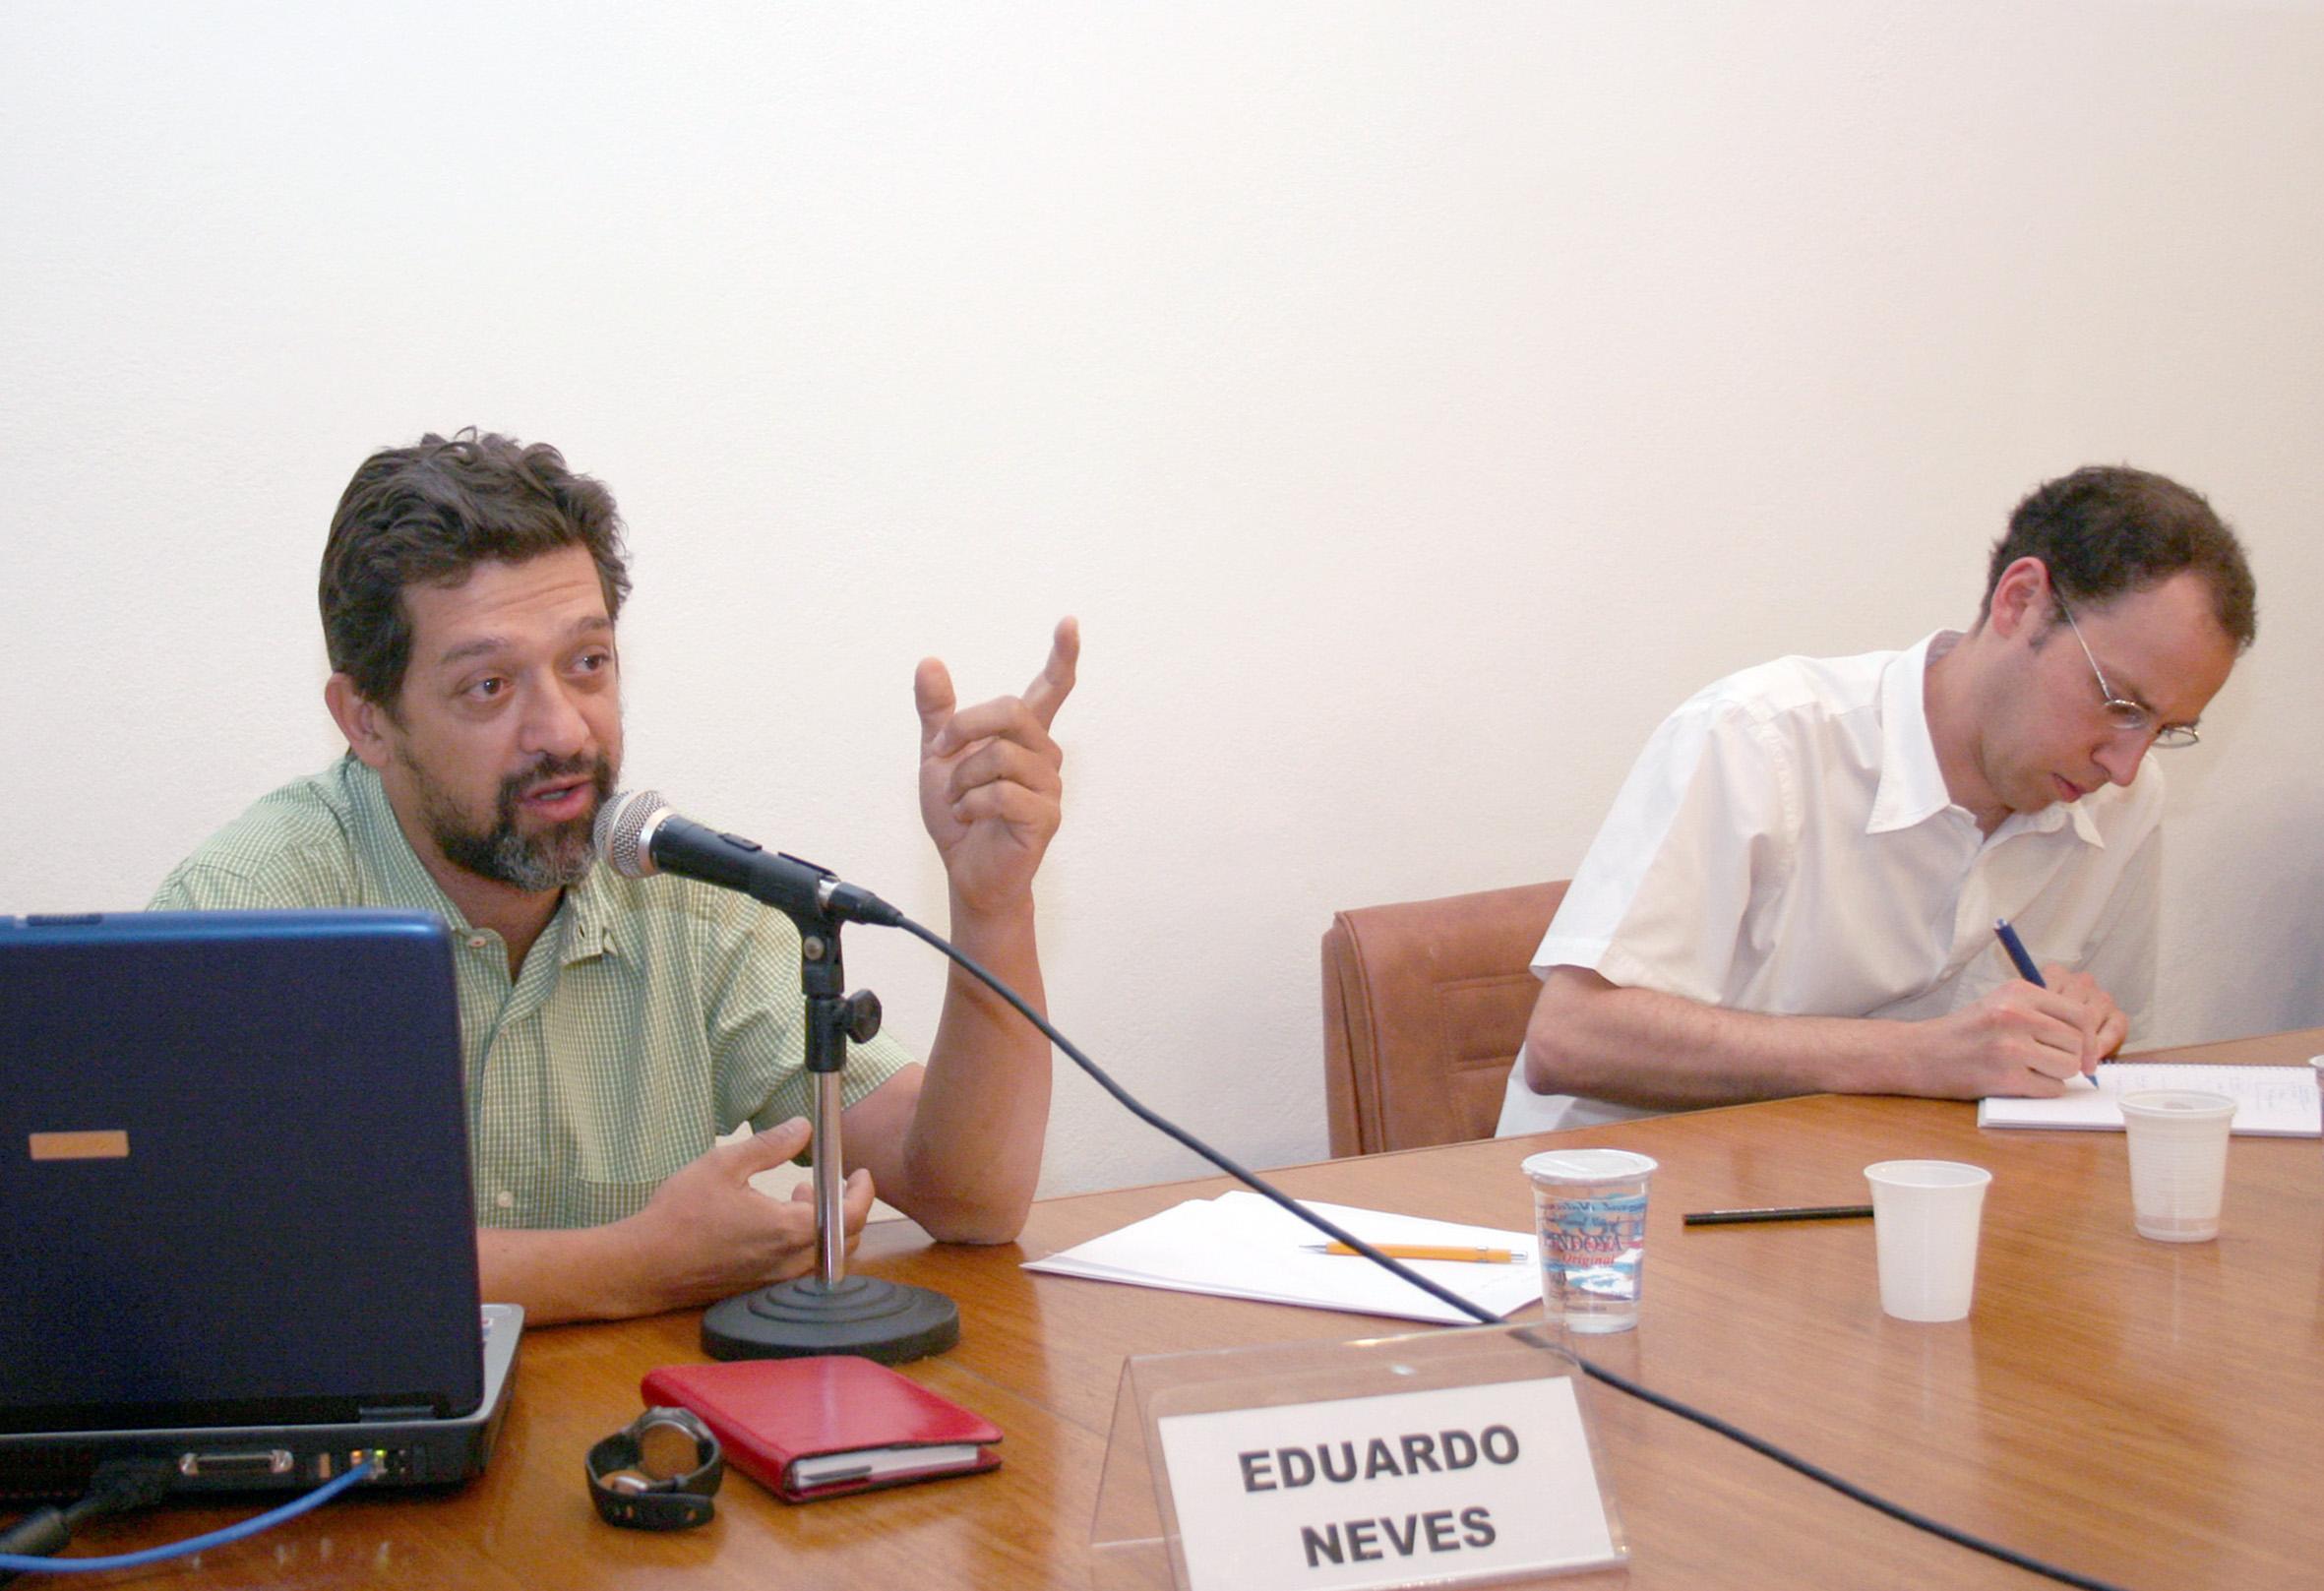 Eduardo Neves e Diogo Meyer